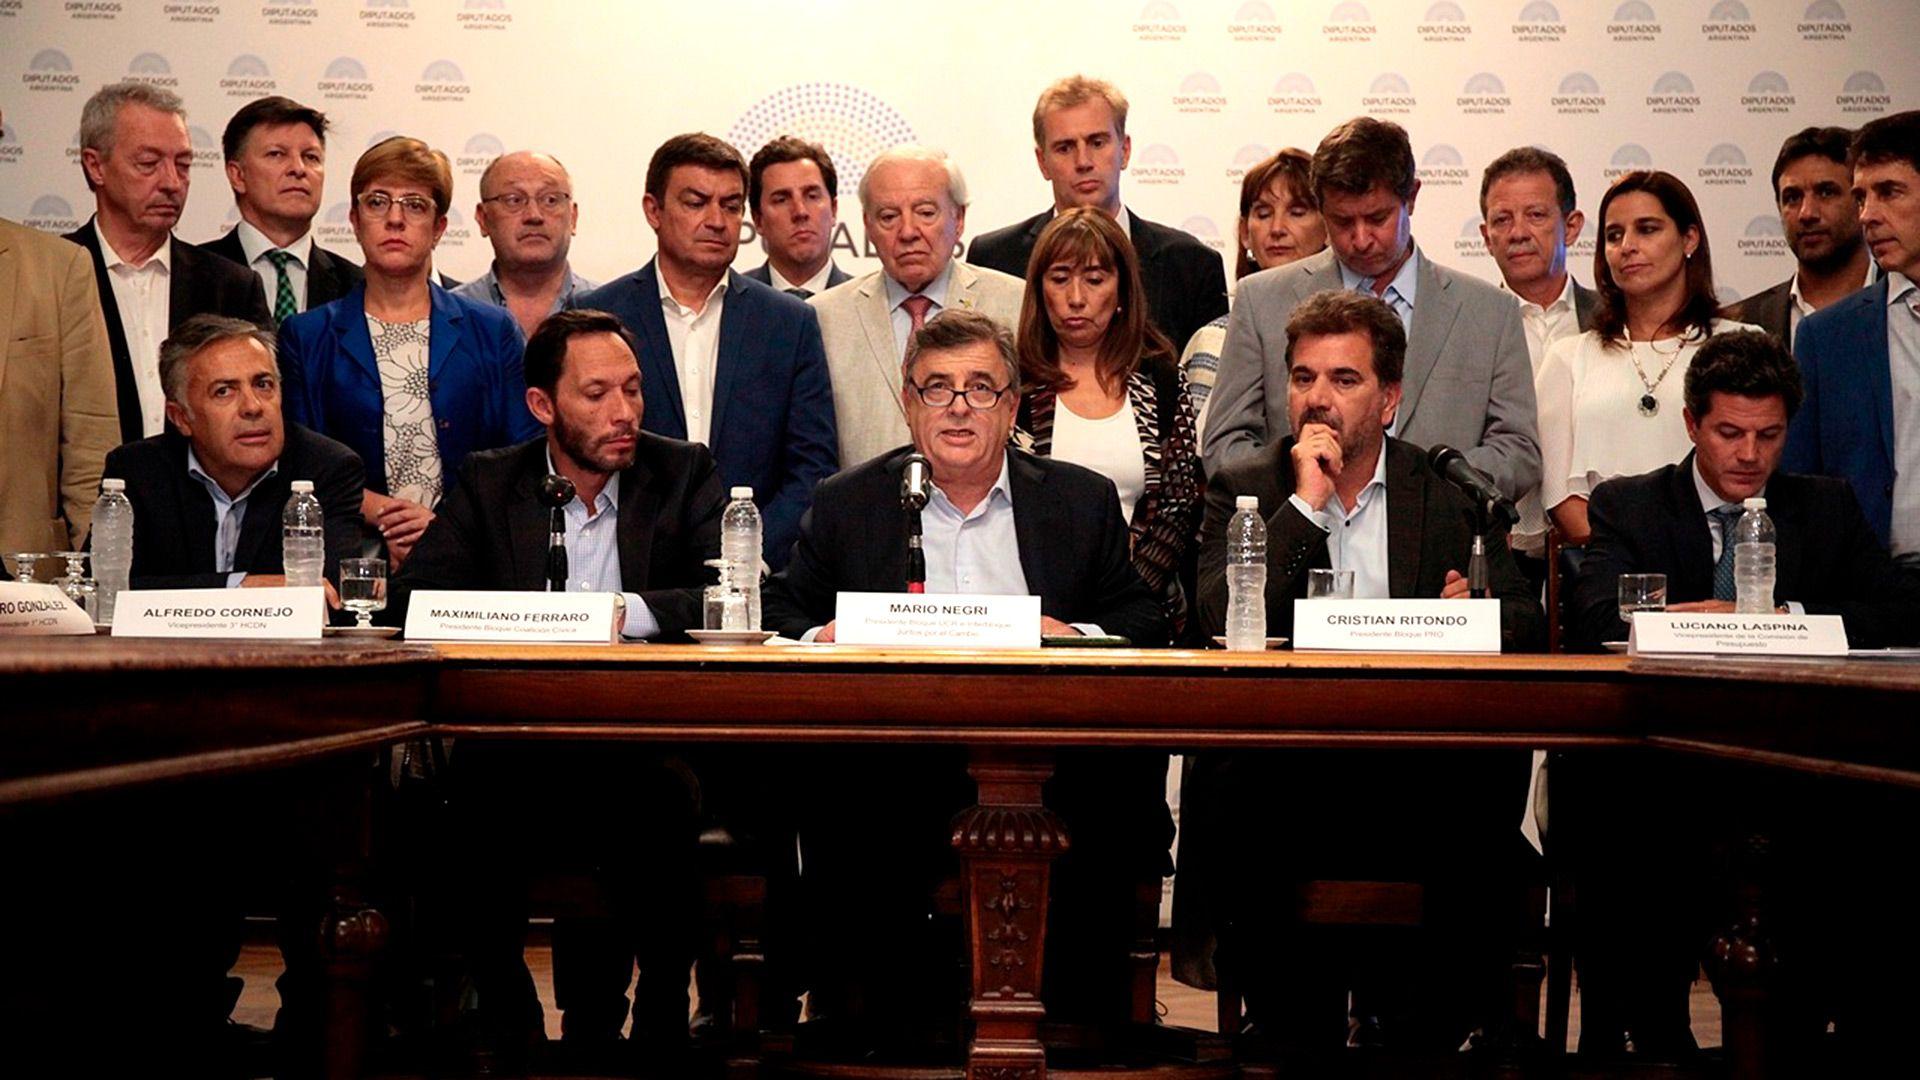 Las autoridades del interbloque de Juntos por el Cambio se reunirán el martes de manera presencial en el Congreso